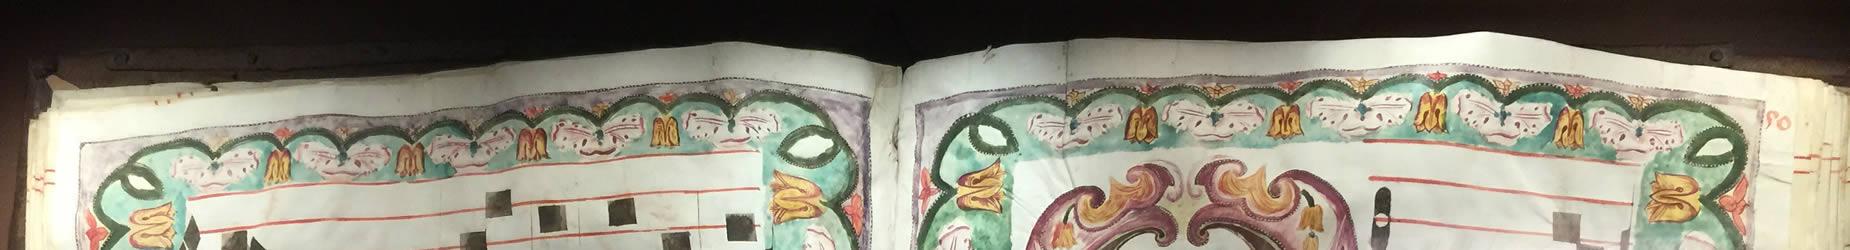 Sheila-Fay-Manuscript